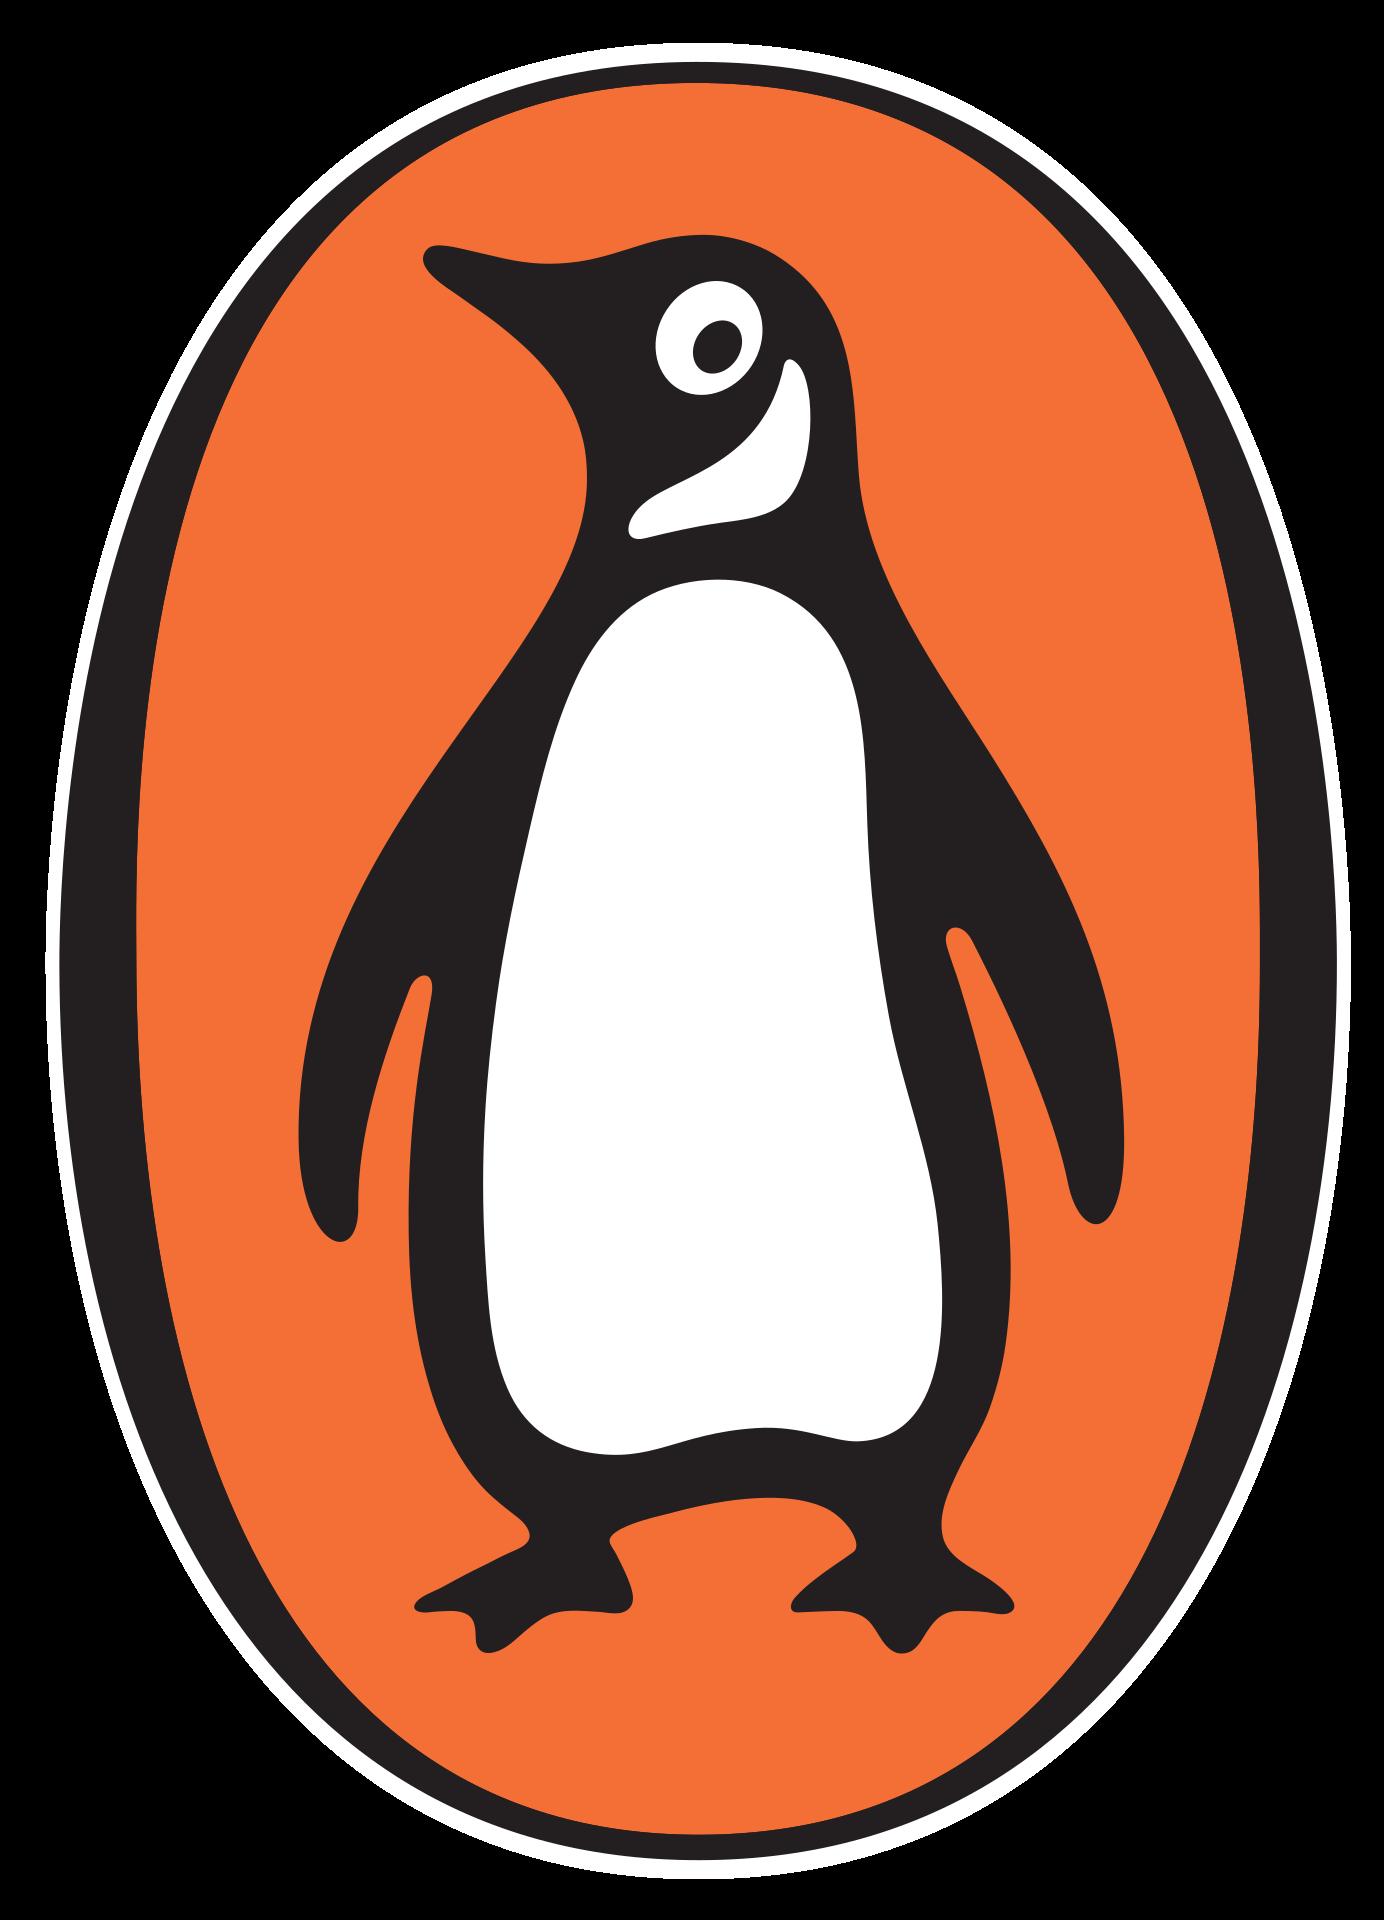 Penguin Books Wikipedia Penguin Illustration Penguin Logo Penguin Books